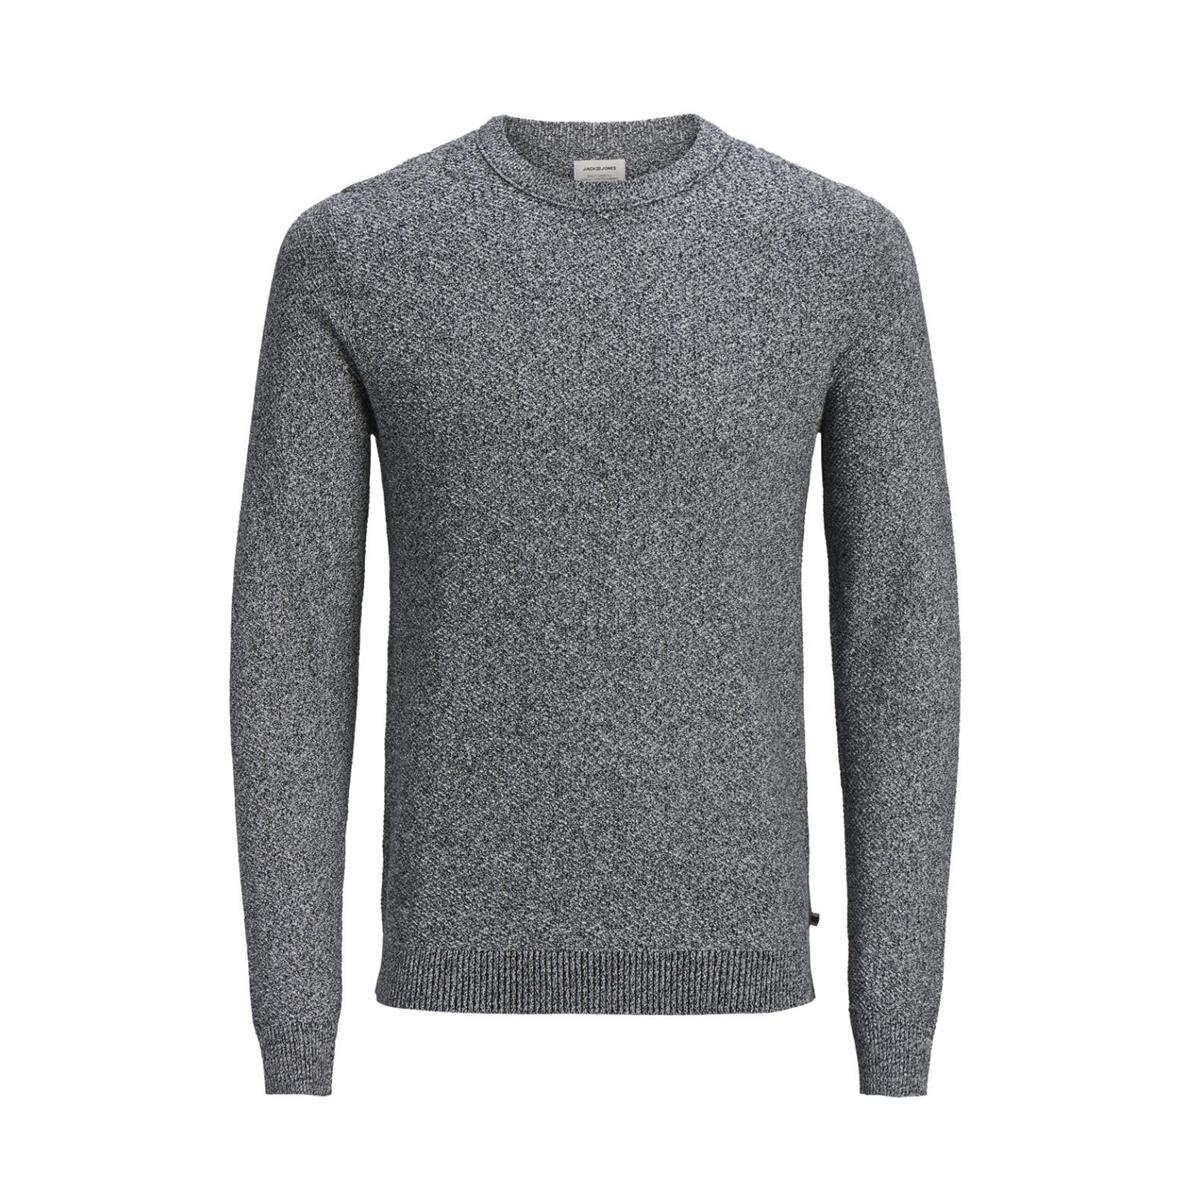 Пуловер JACK & JONES 11700037 от LaRedoute